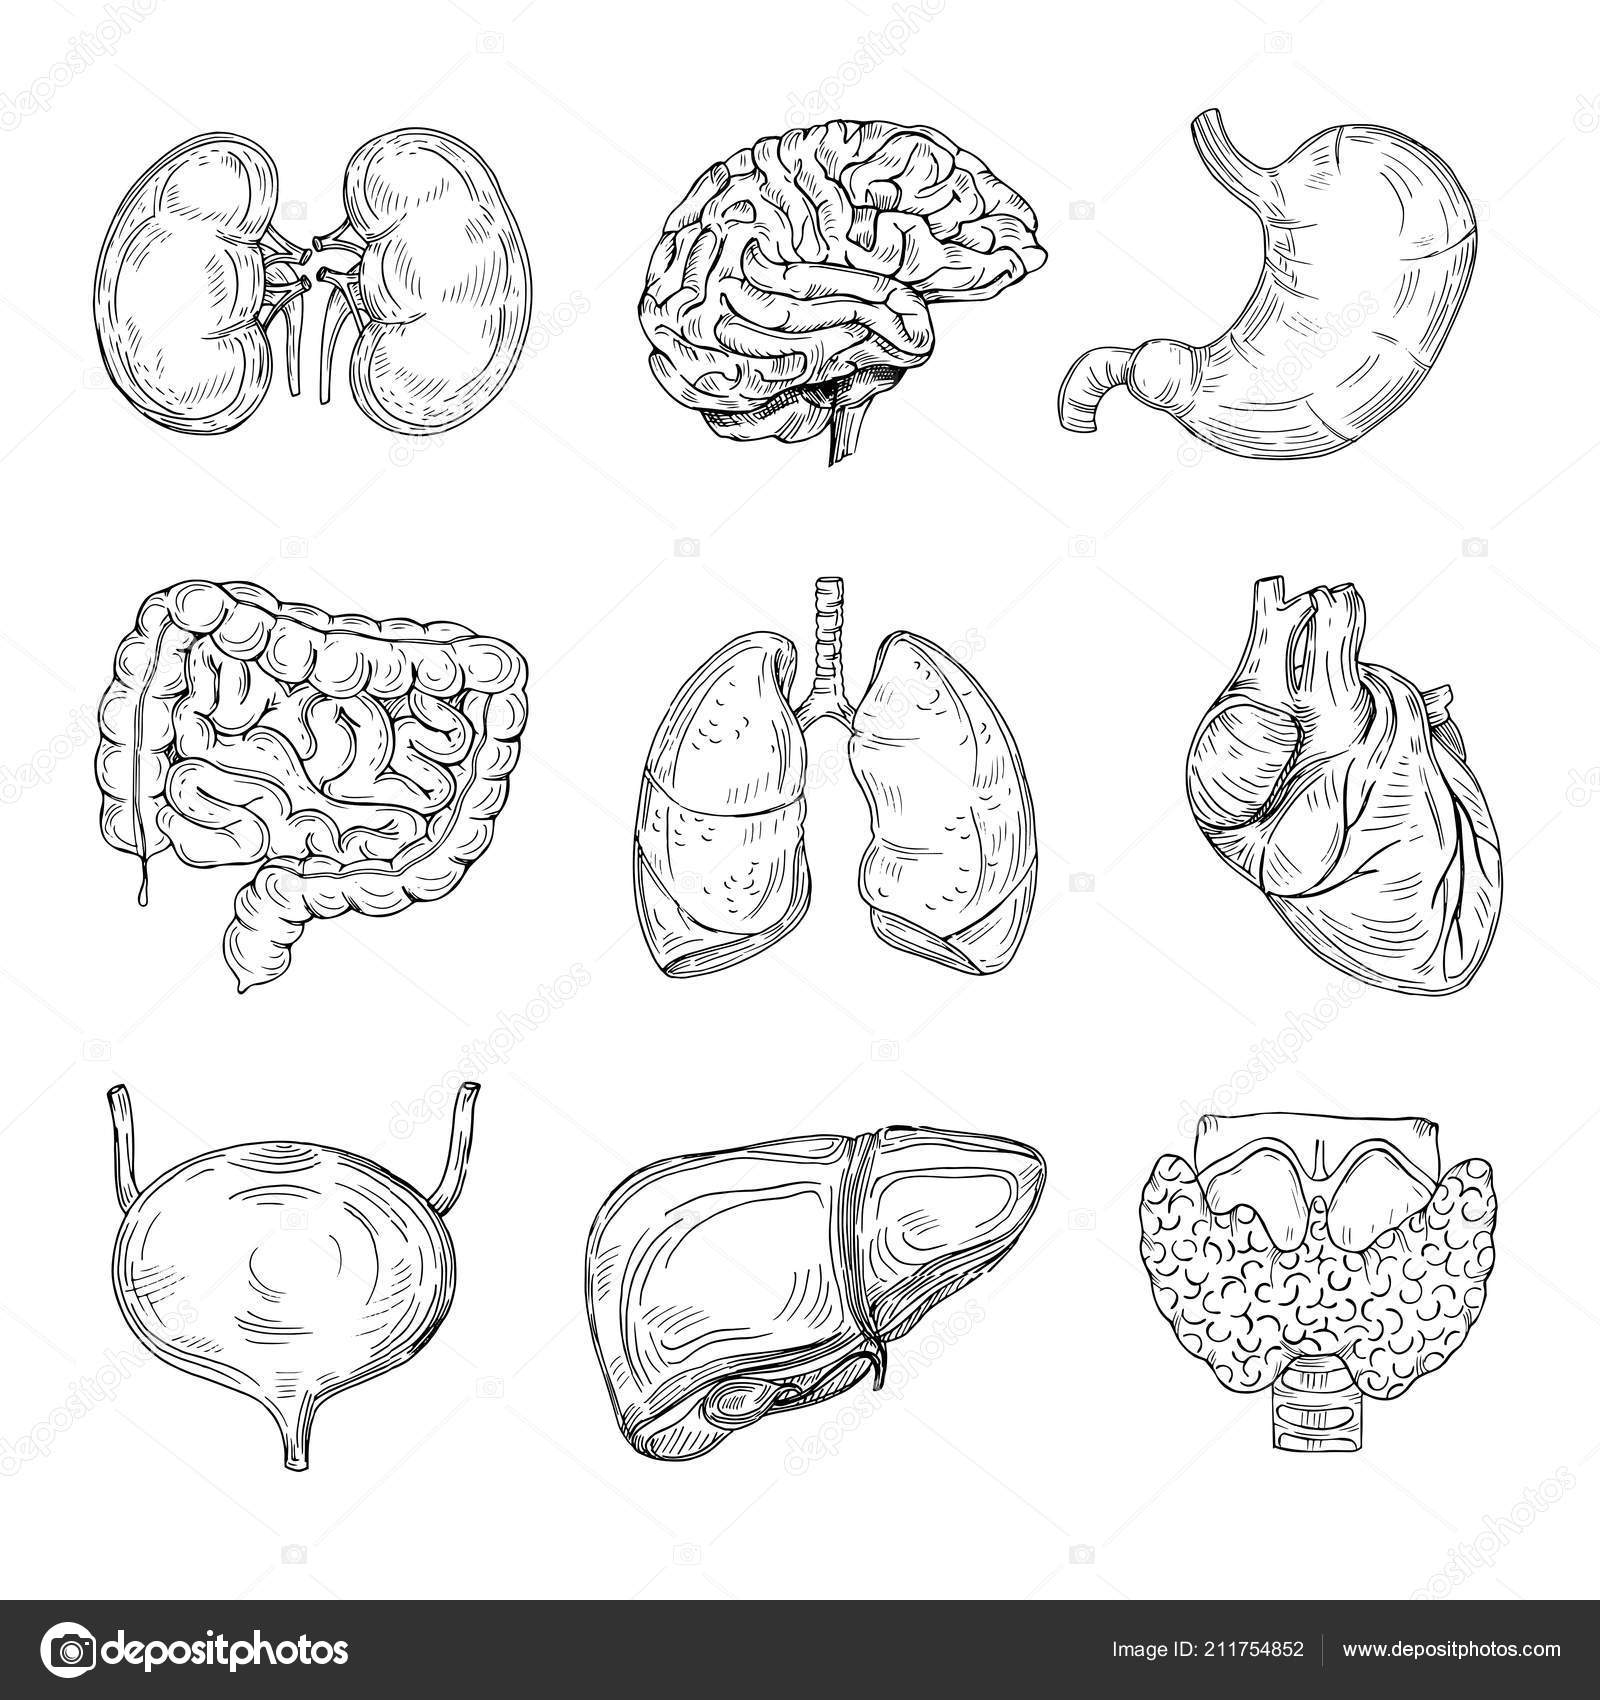 Menschliche Innere Organe Handgezeichnete Gehirn Herz Und Nieren